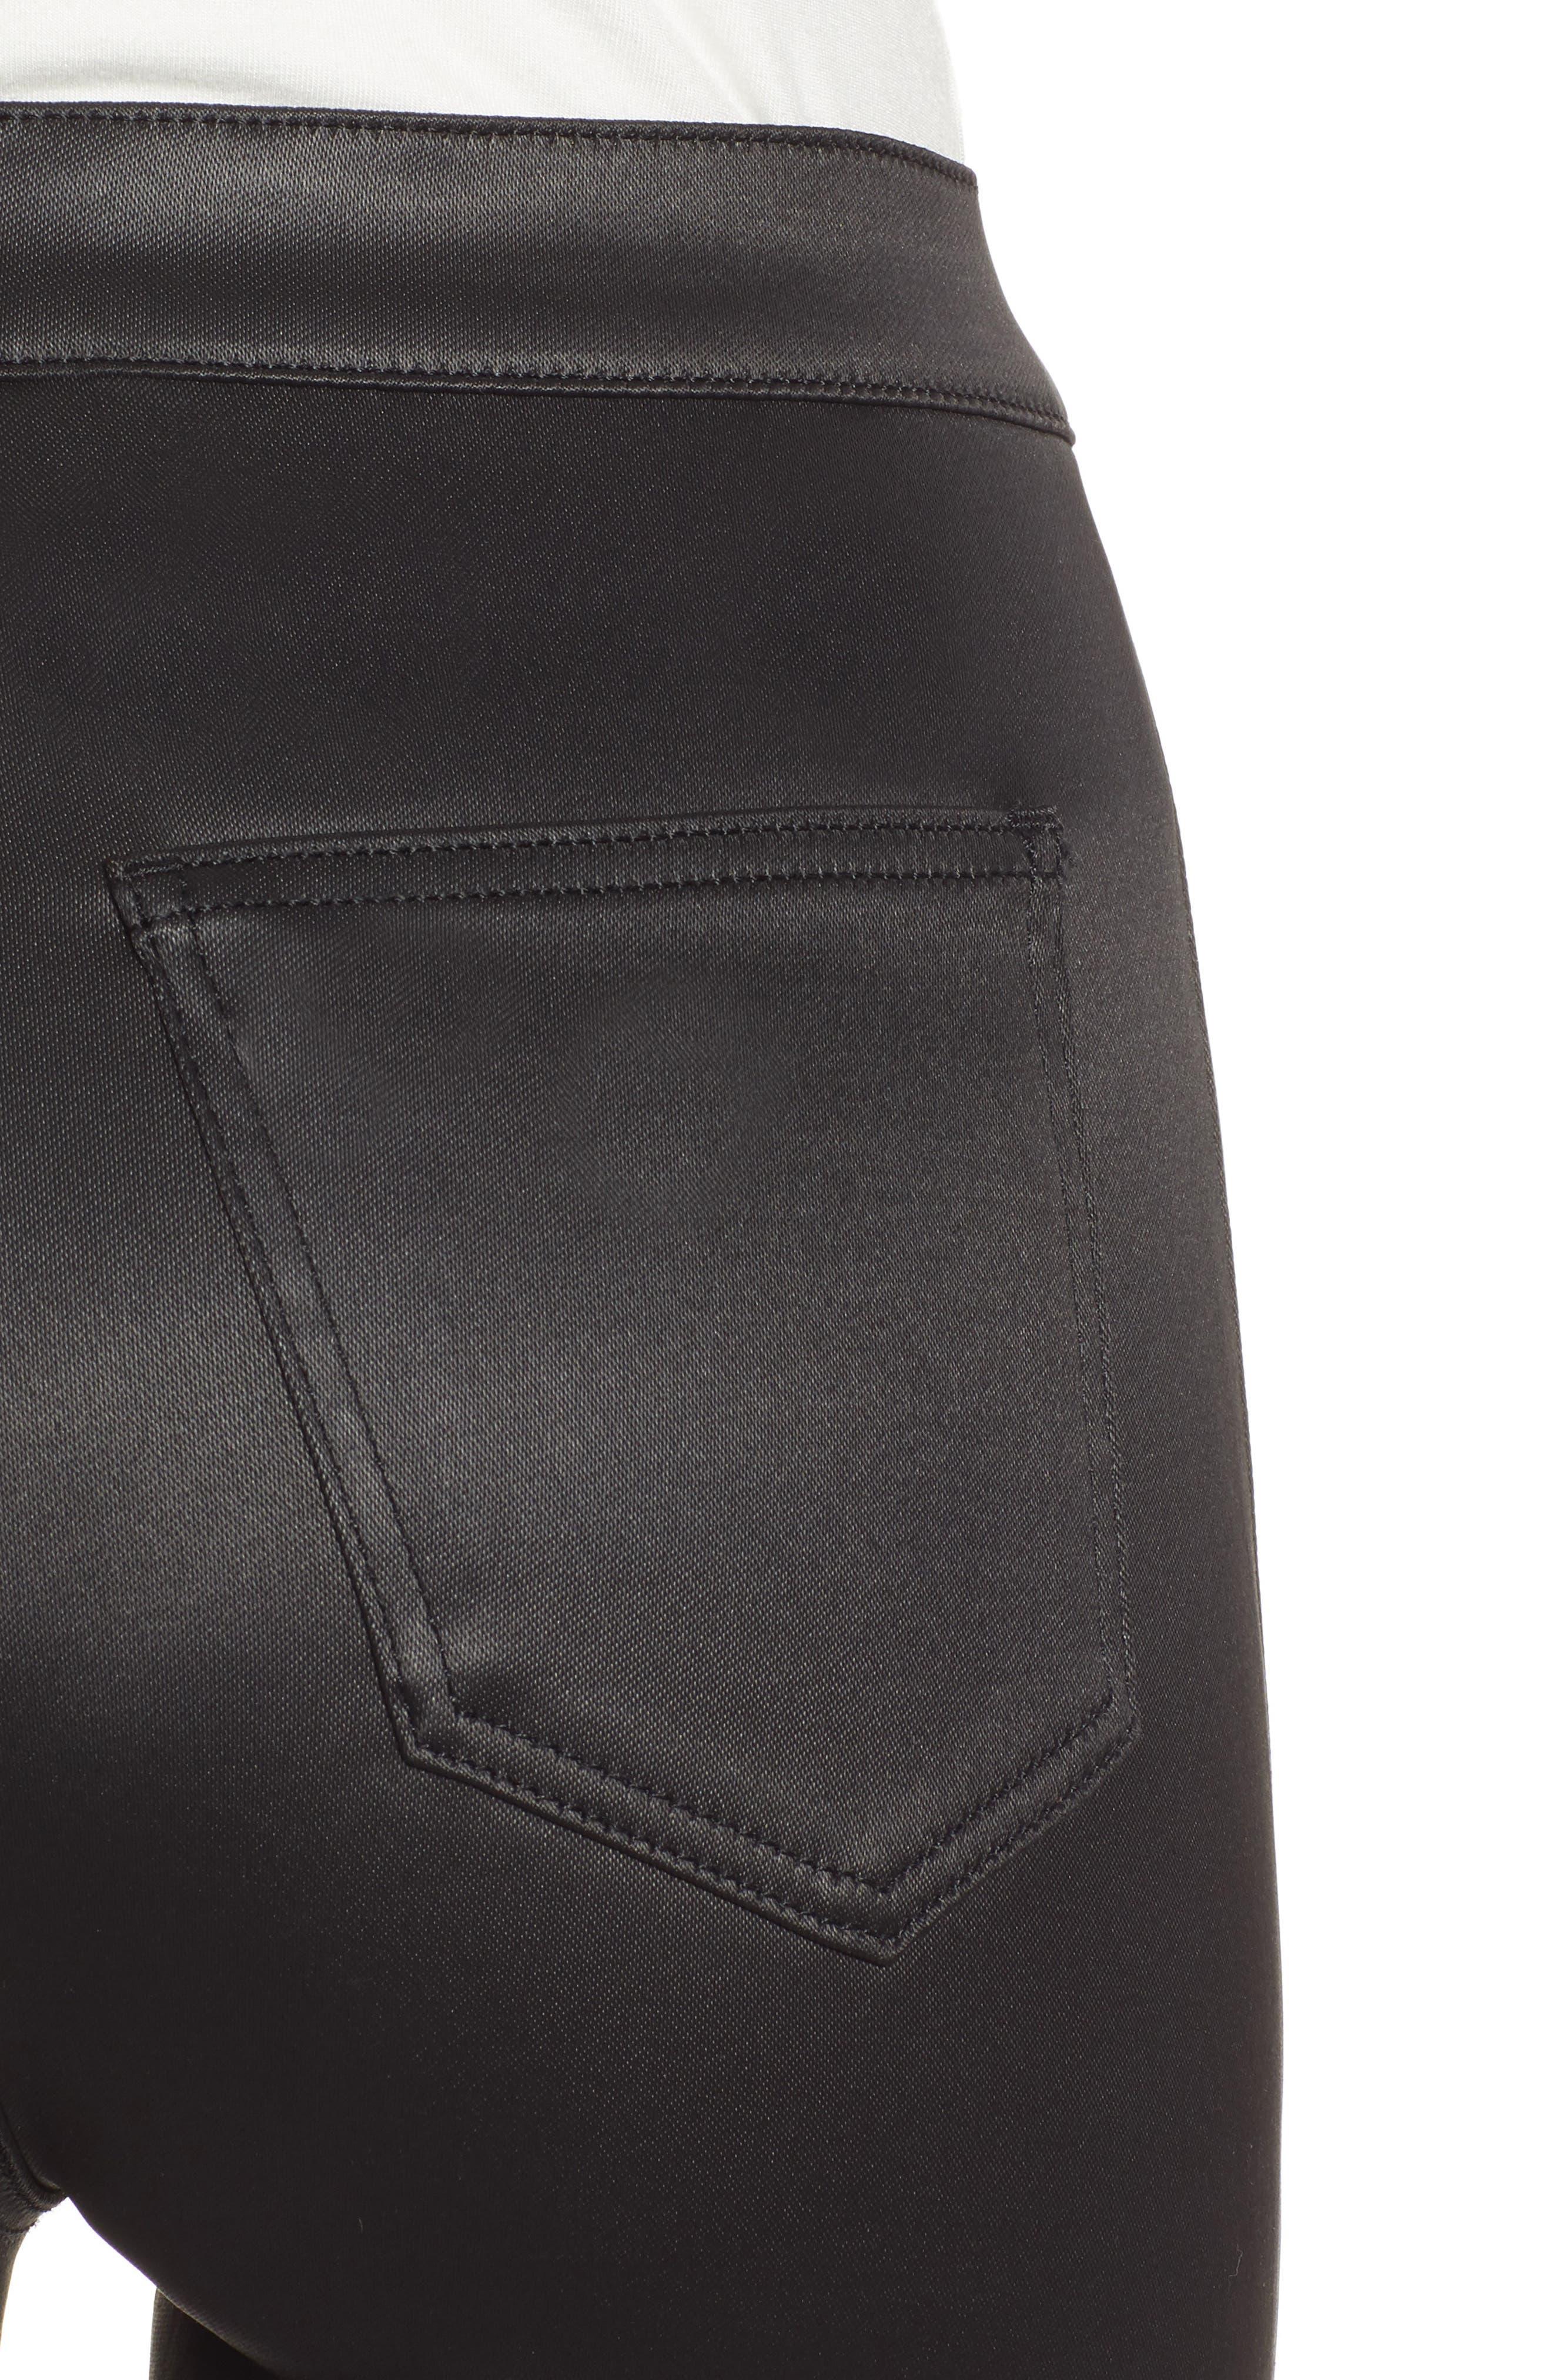 Joni Skinny Pants,                             Alternate thumbnail 4, color,                             BLACK